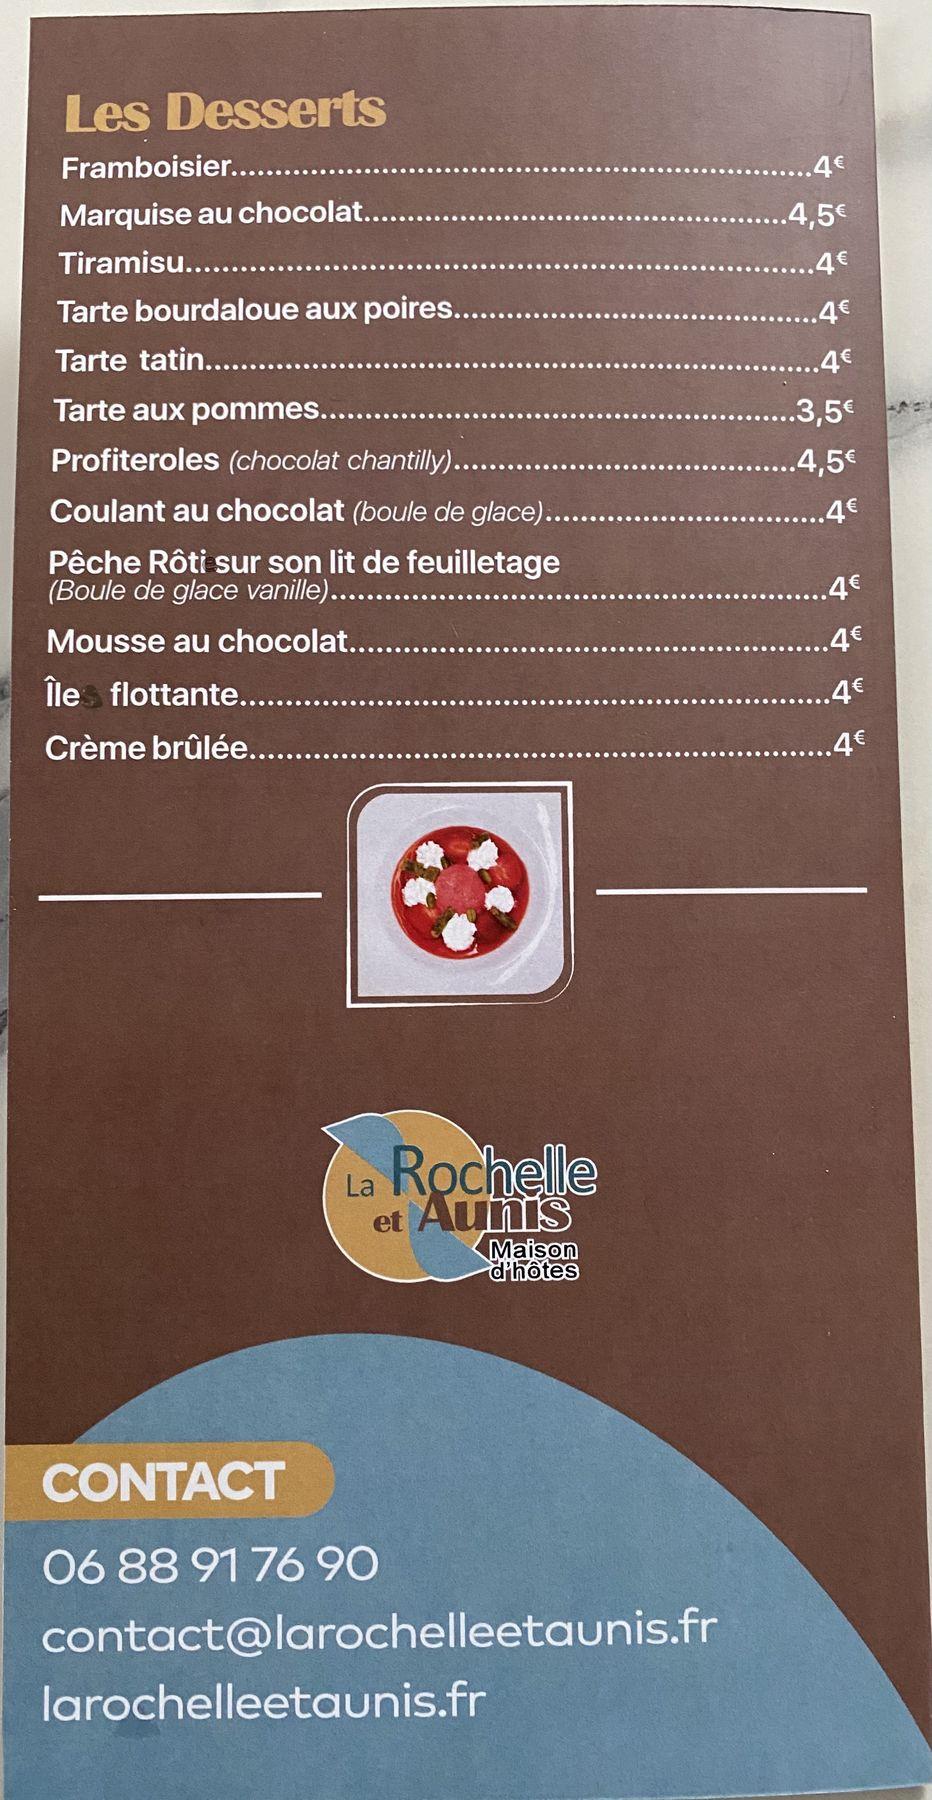 Restauration - Maison d'hôte La Rochelle et l'Aunis